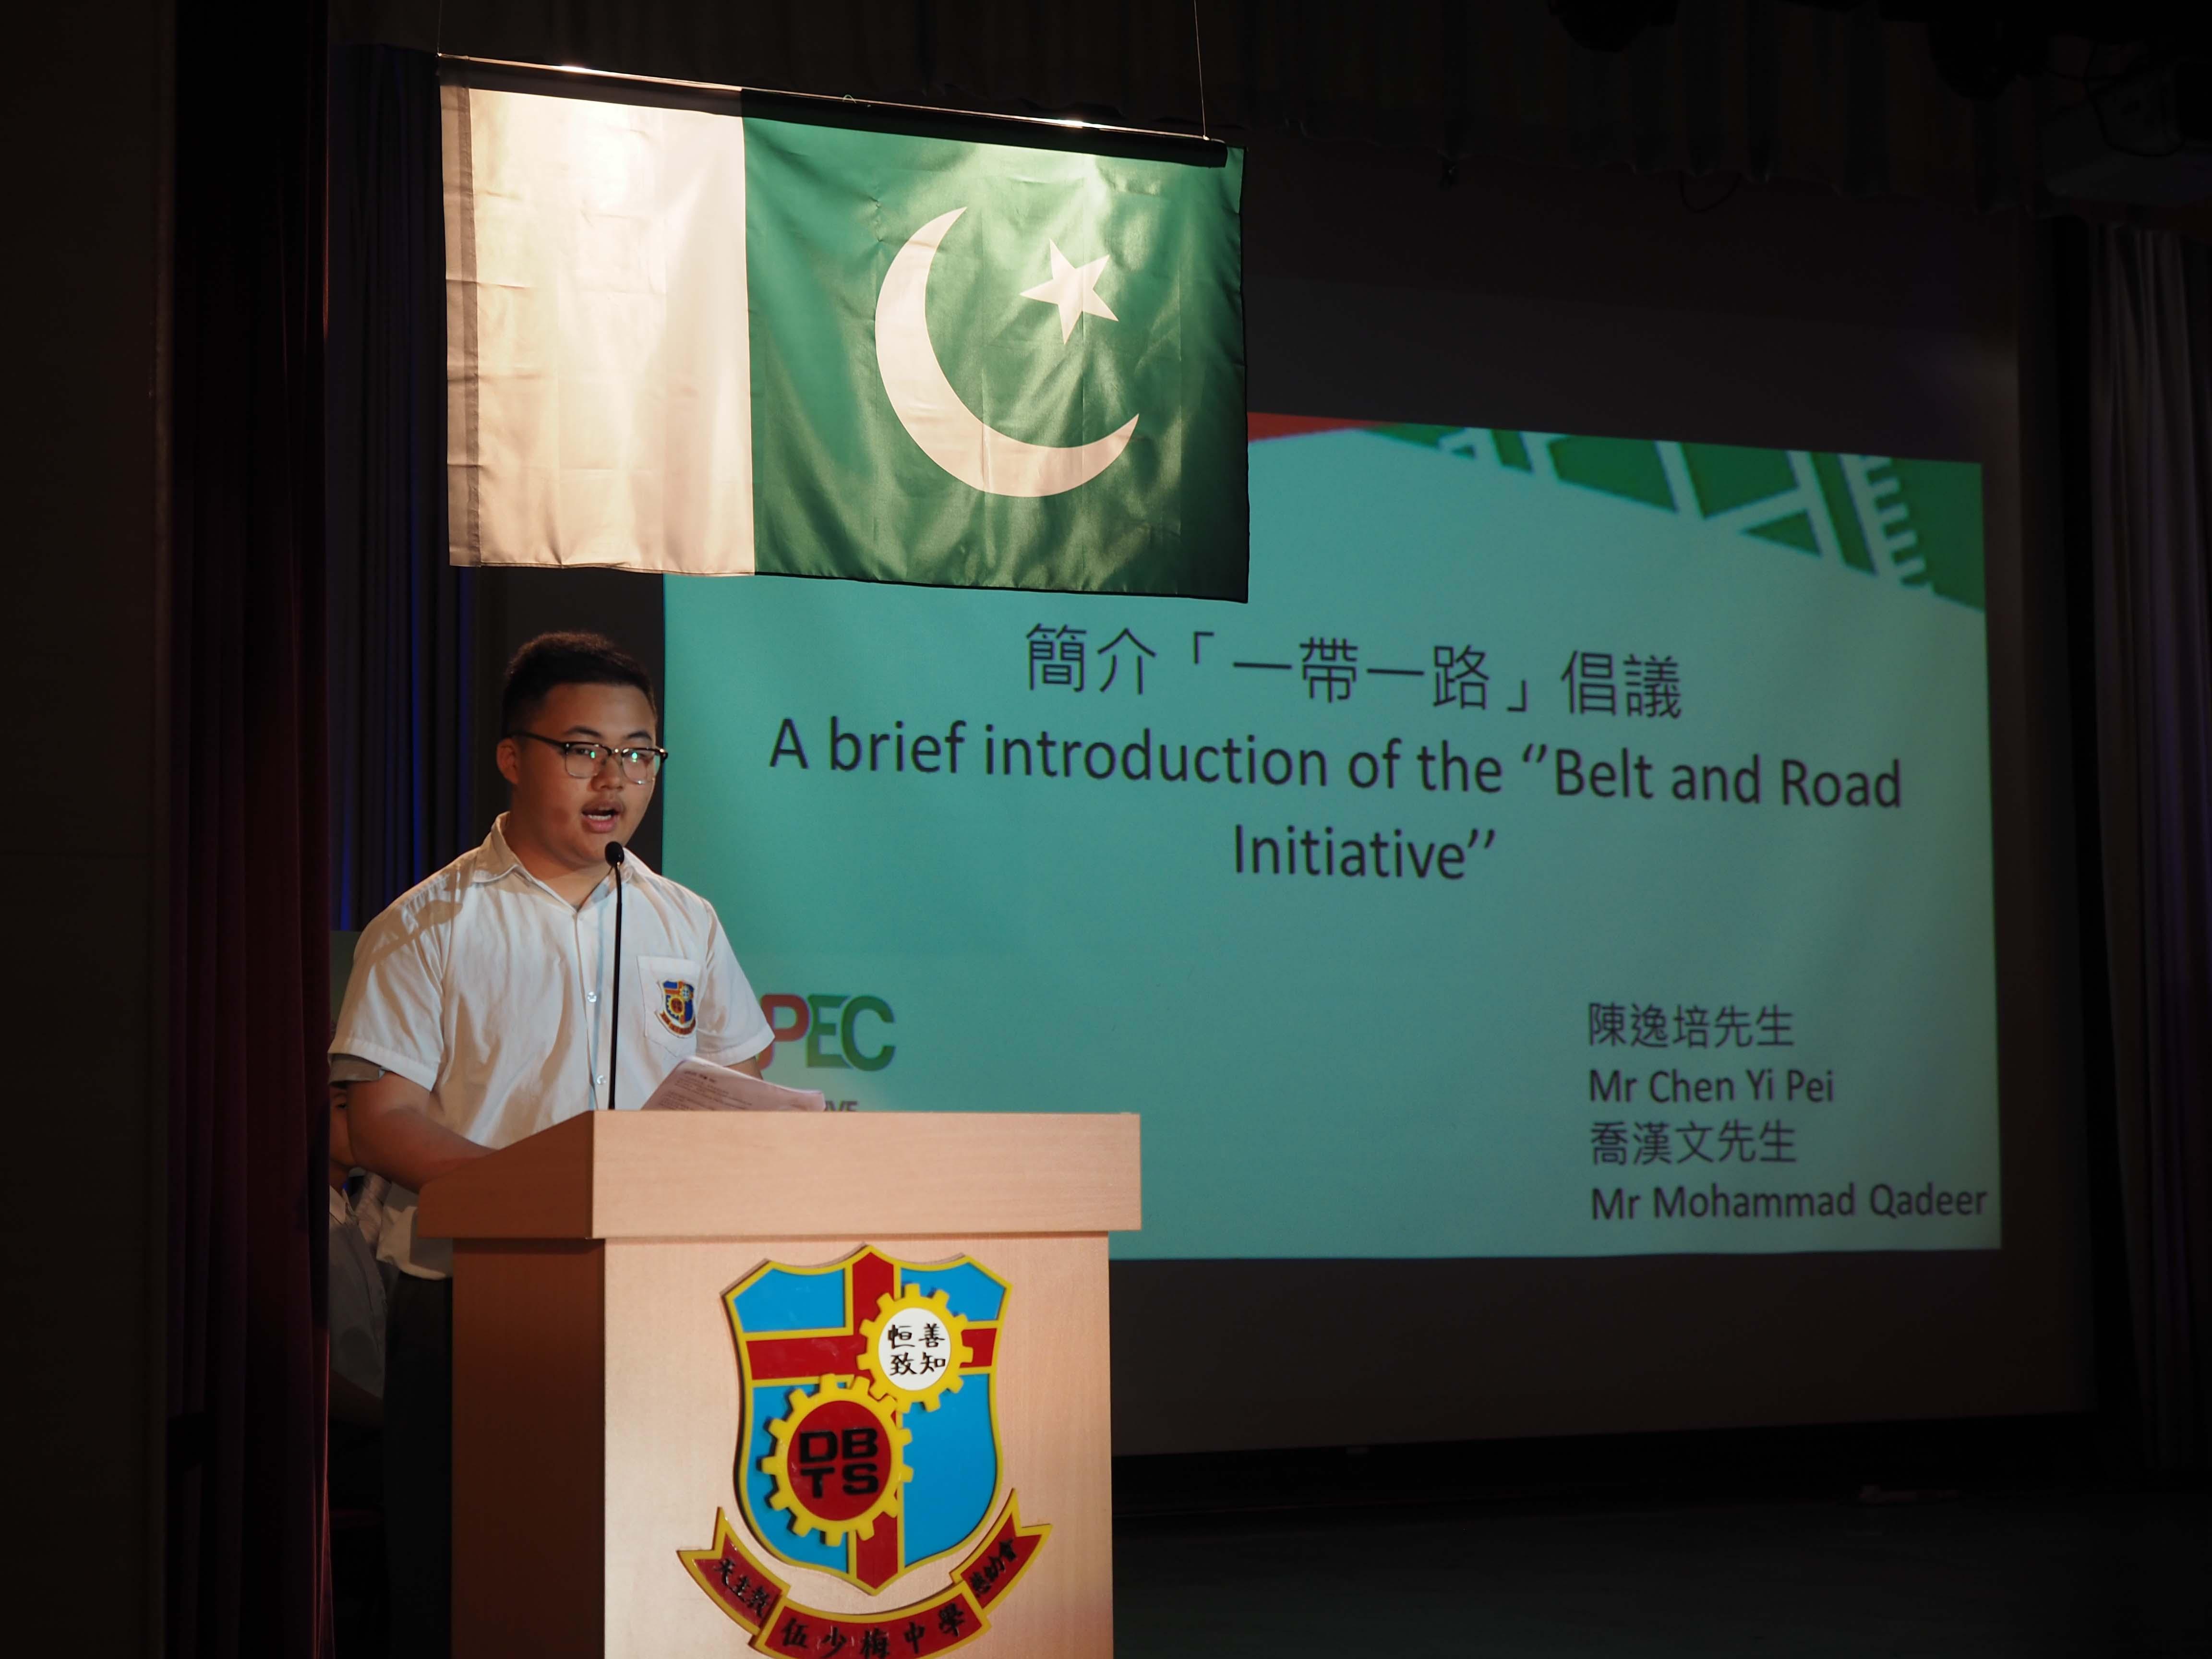 天主教慈幼會伍少梅中學的「中巴經濟走廊」高峰會活動相片18